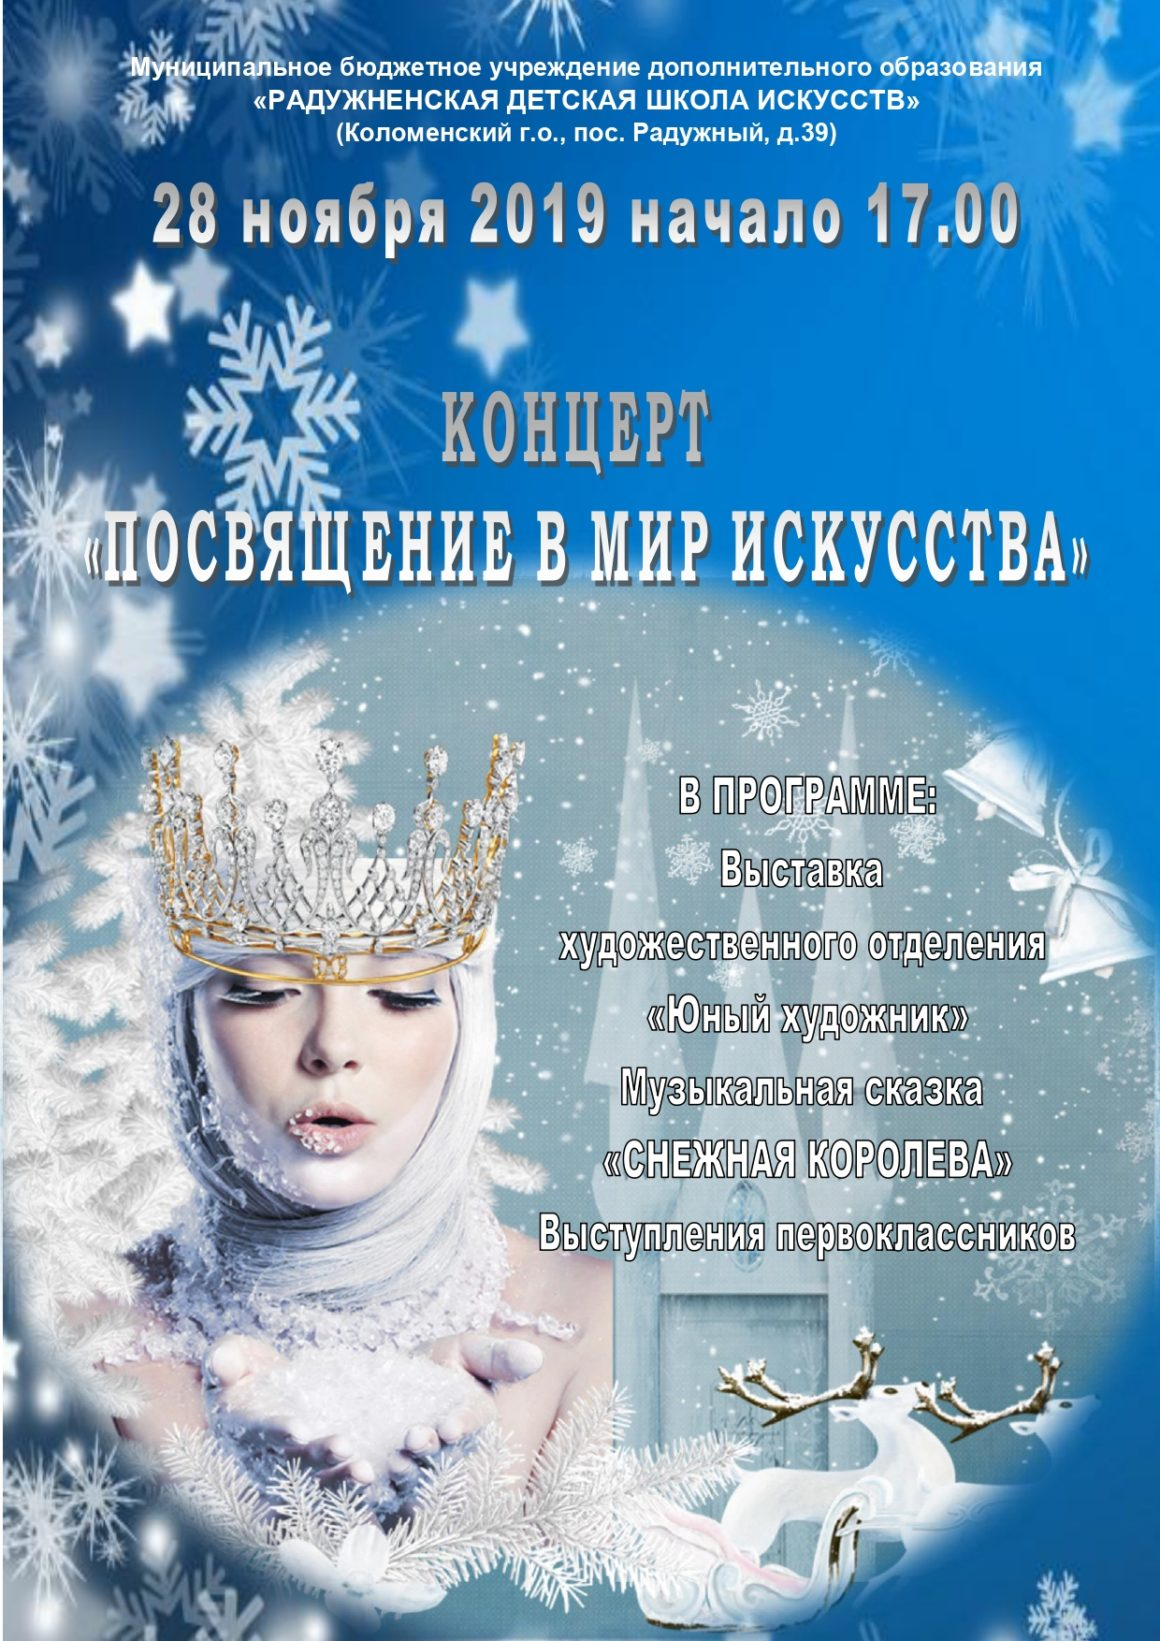 28 ноября 2019 года в МБУДО «Радужненская ДШИ» состоится концерт «Посвящение в мир искусства».